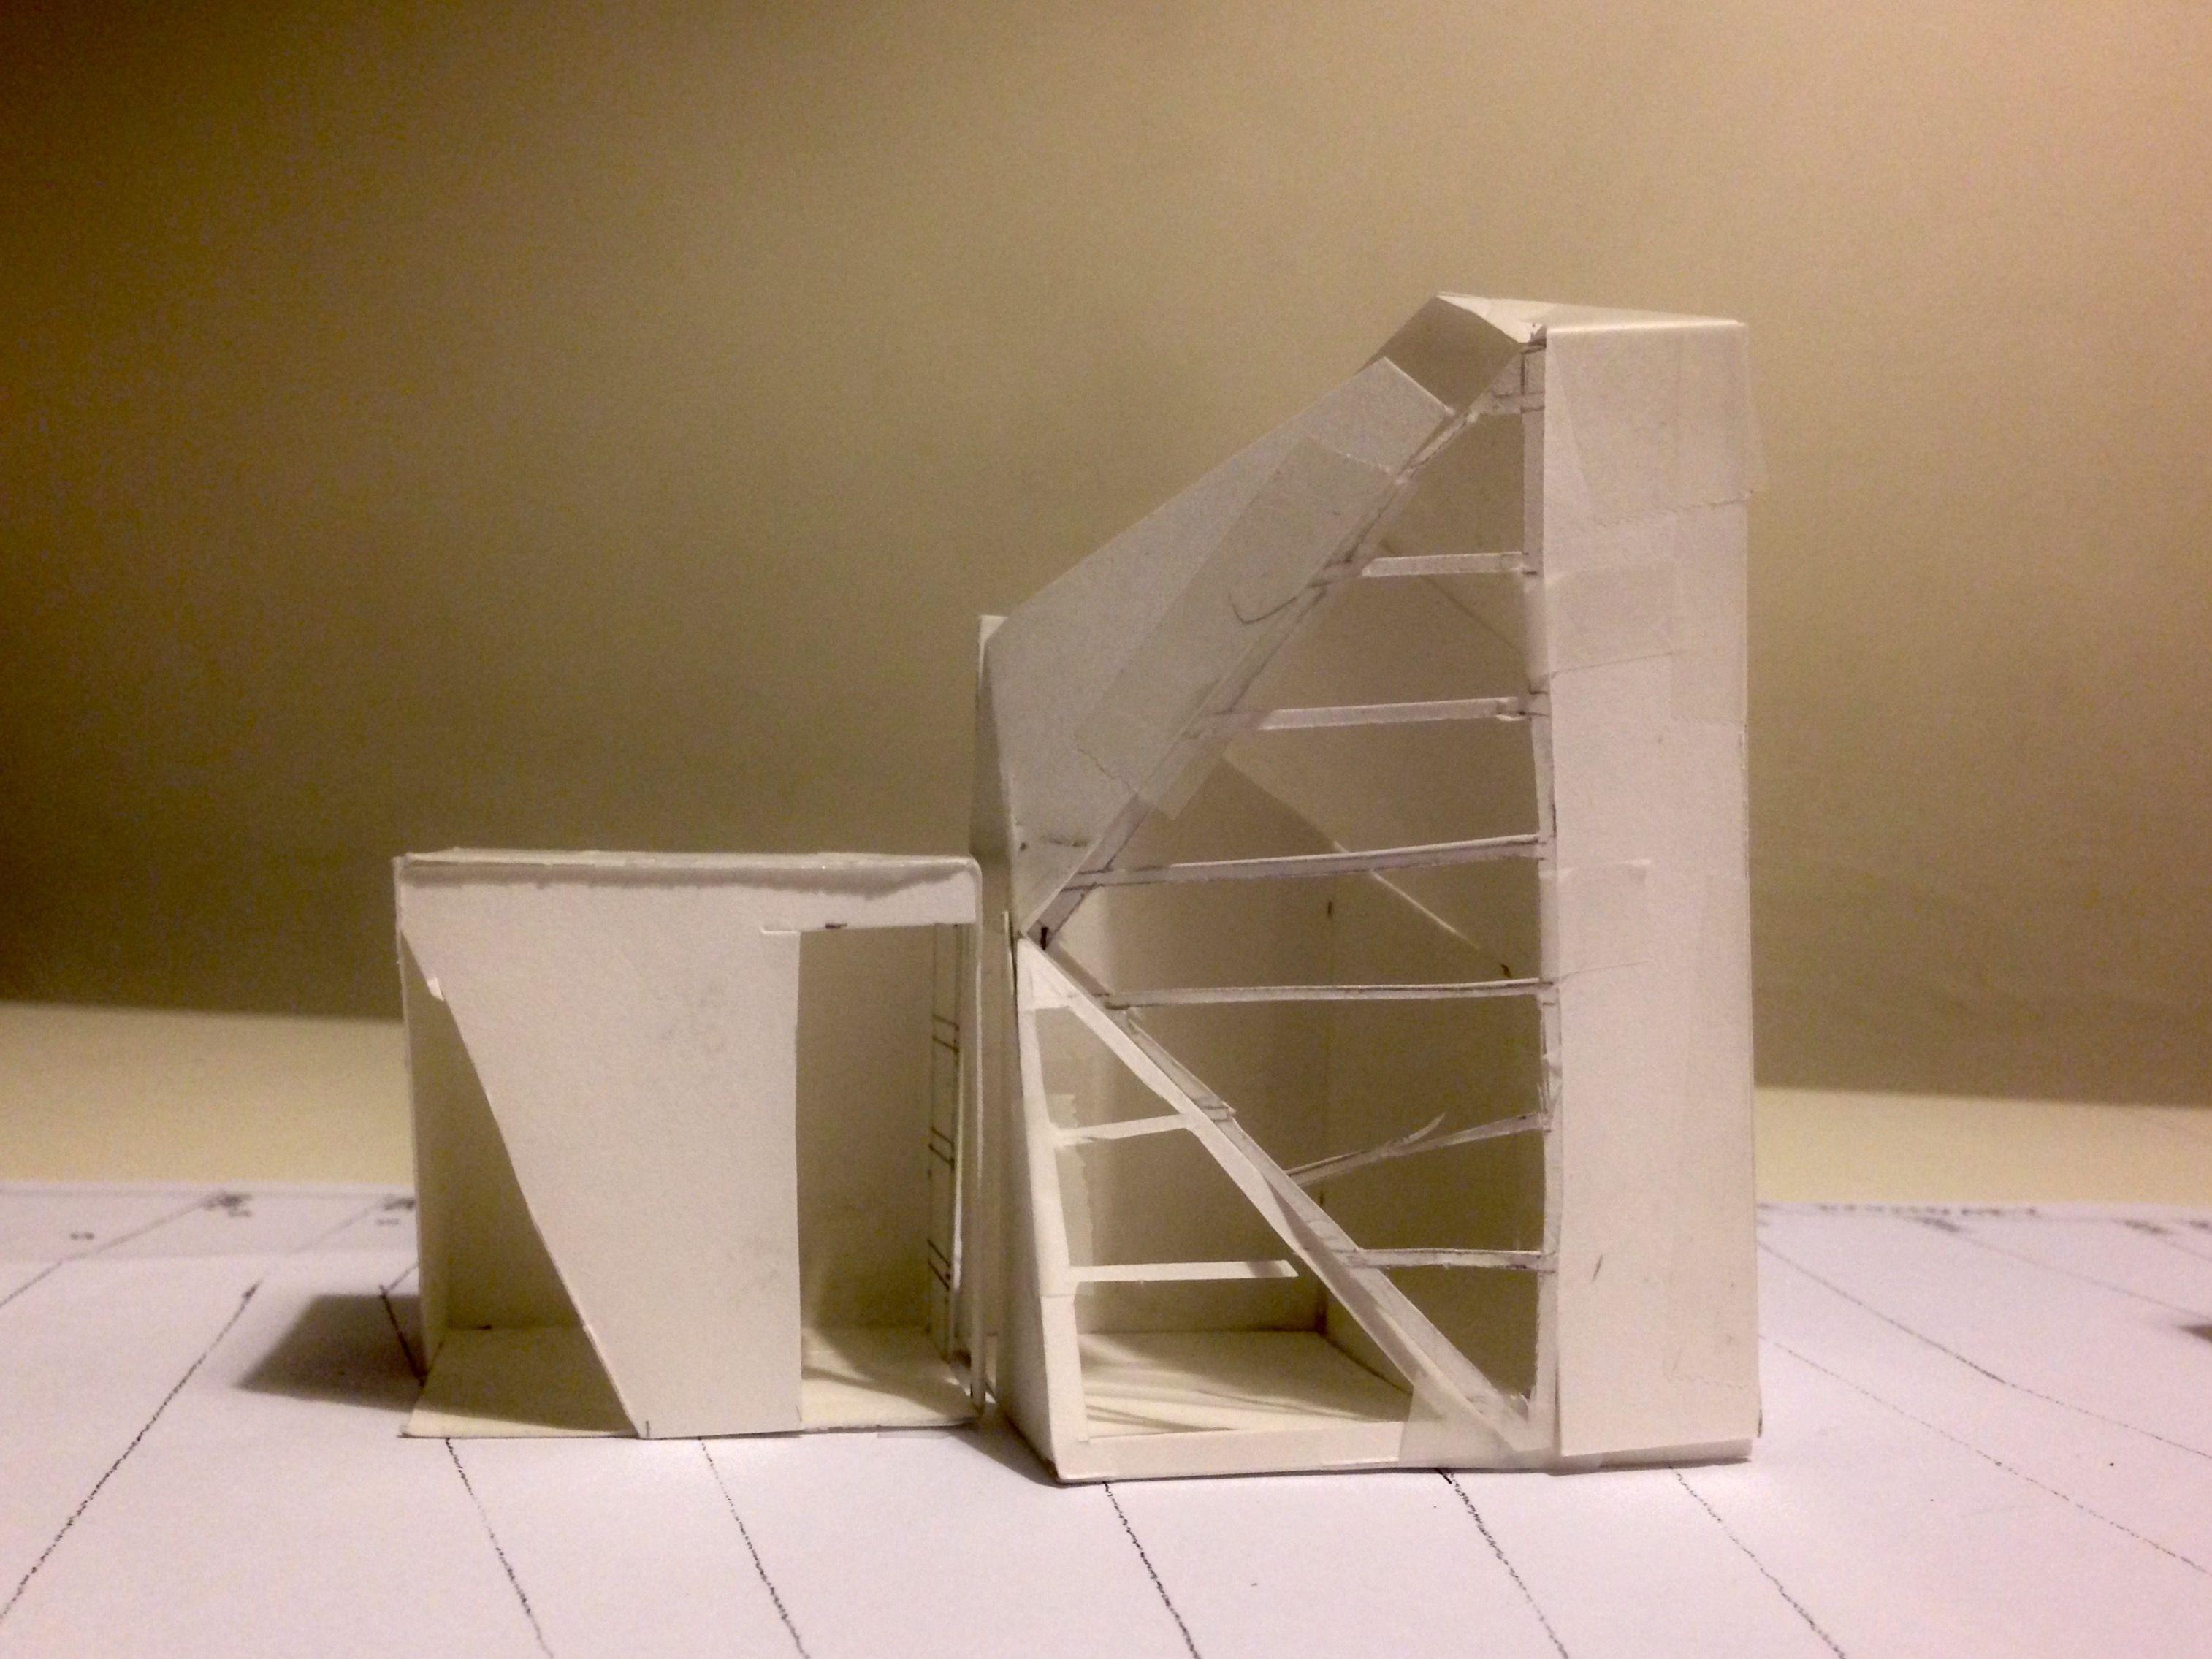 UniSA Interior Architecture Design Studio 1 Assignment 3, Place. Sketch  Model Studio Space